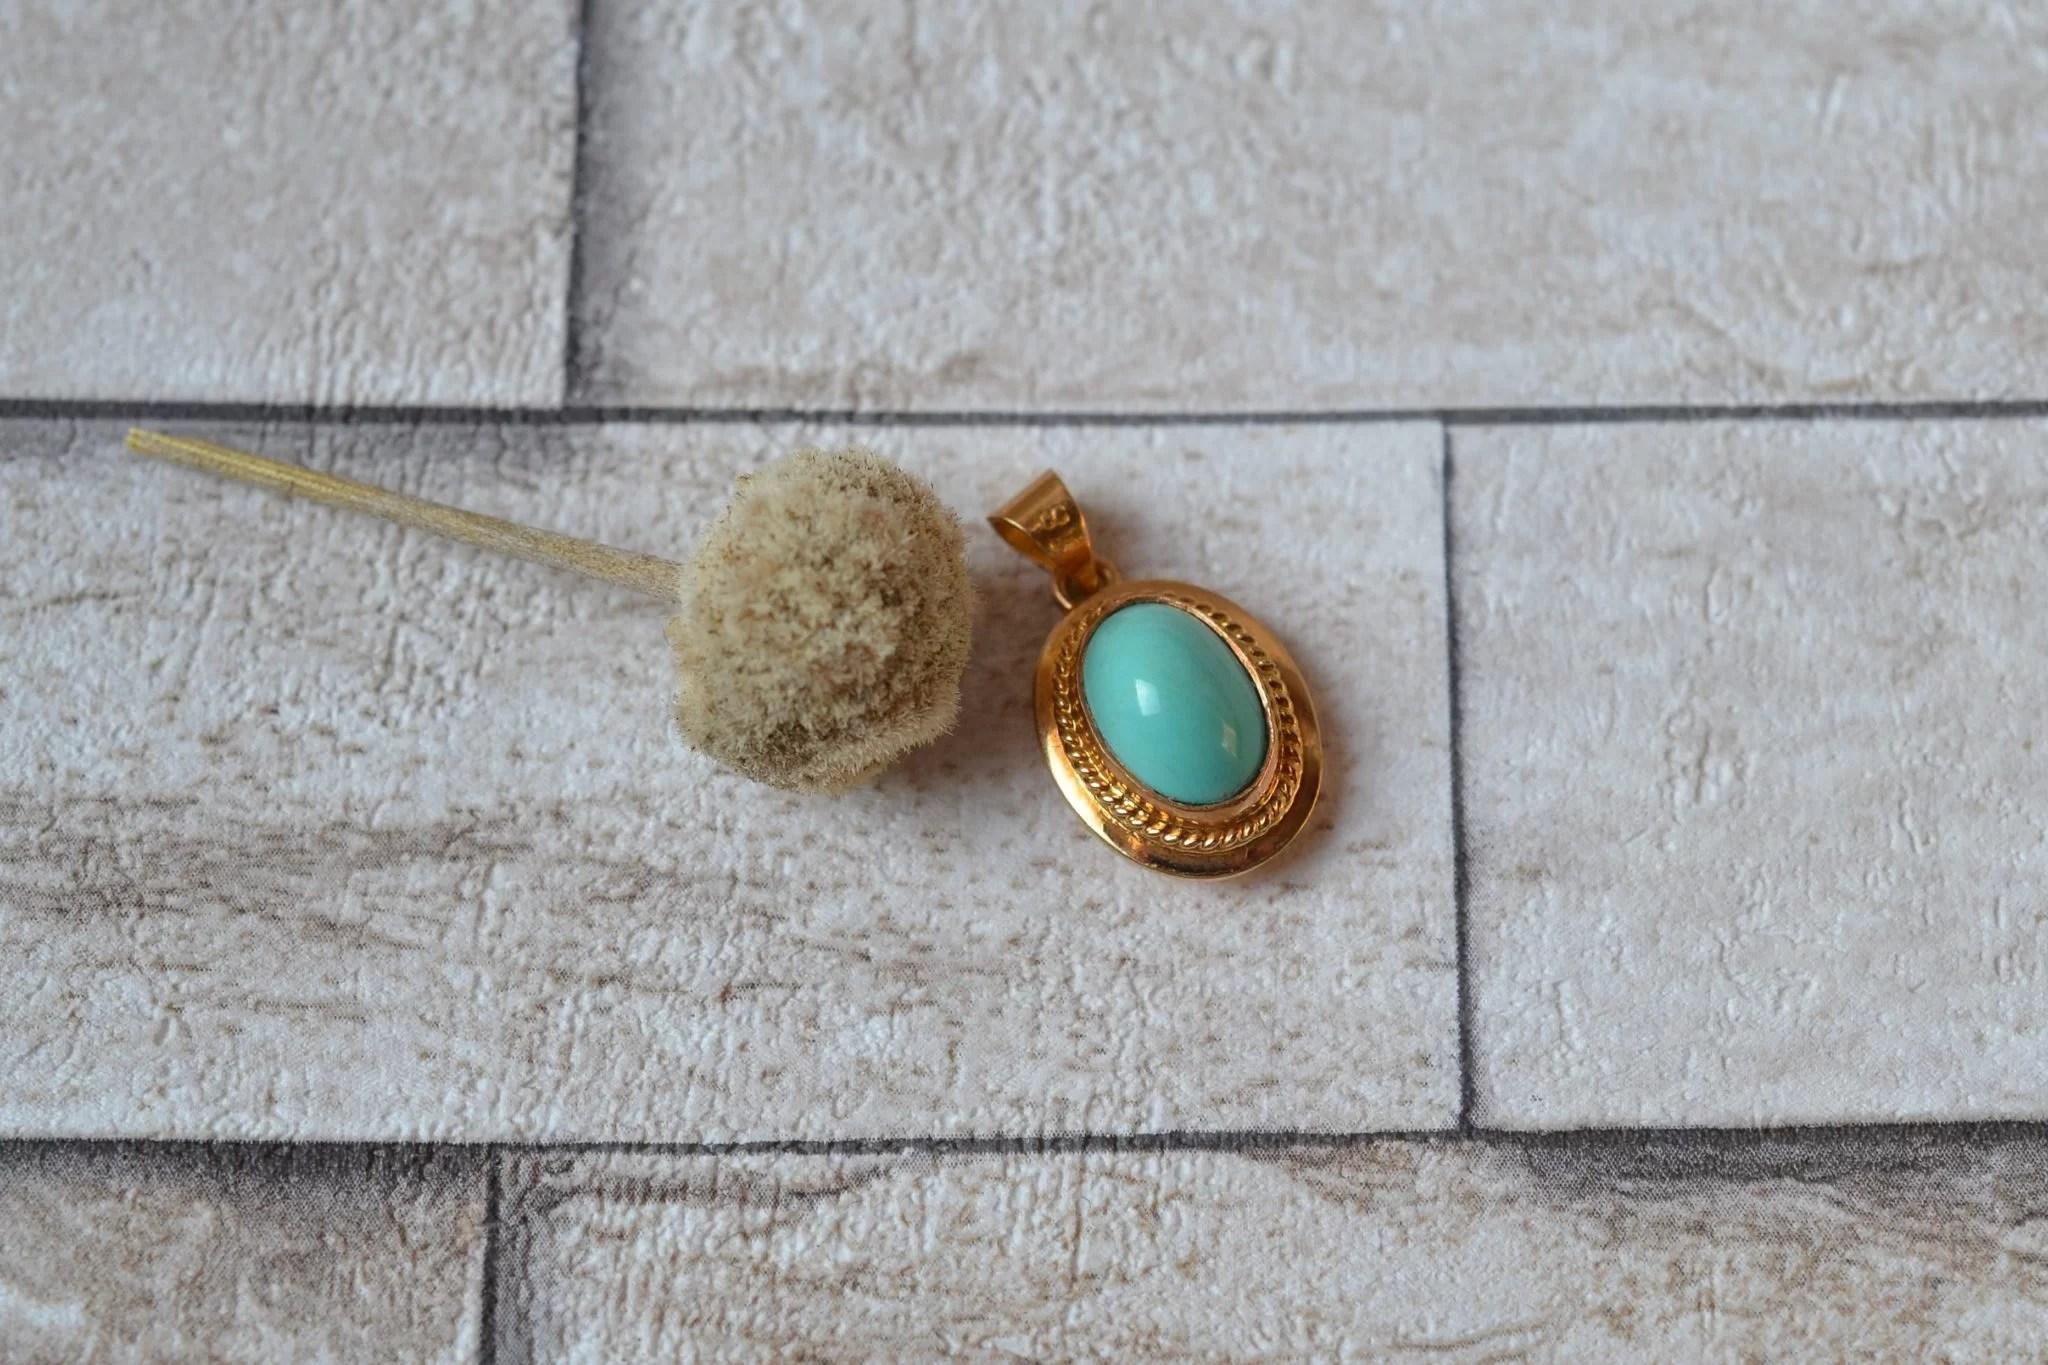 Pendentif en Or jaune centré d_une turquoise en serti-clos - bijou de rétro